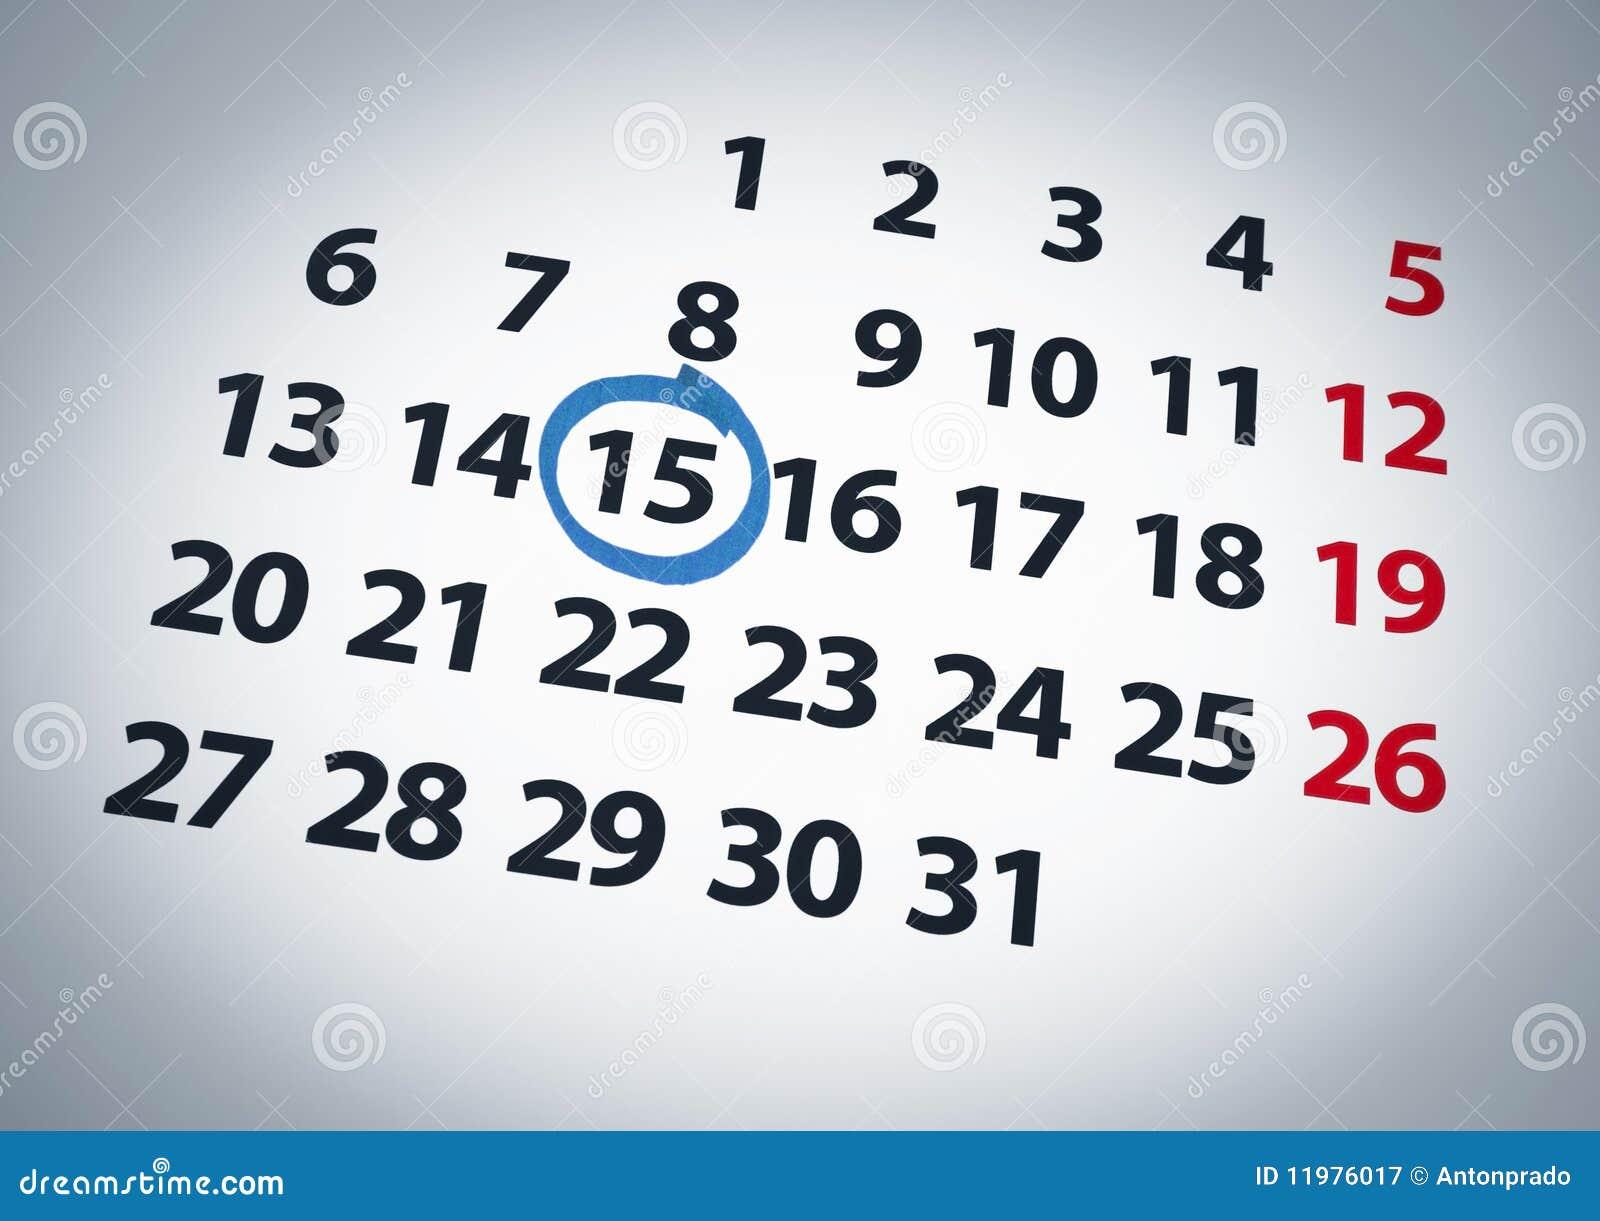 15th datum